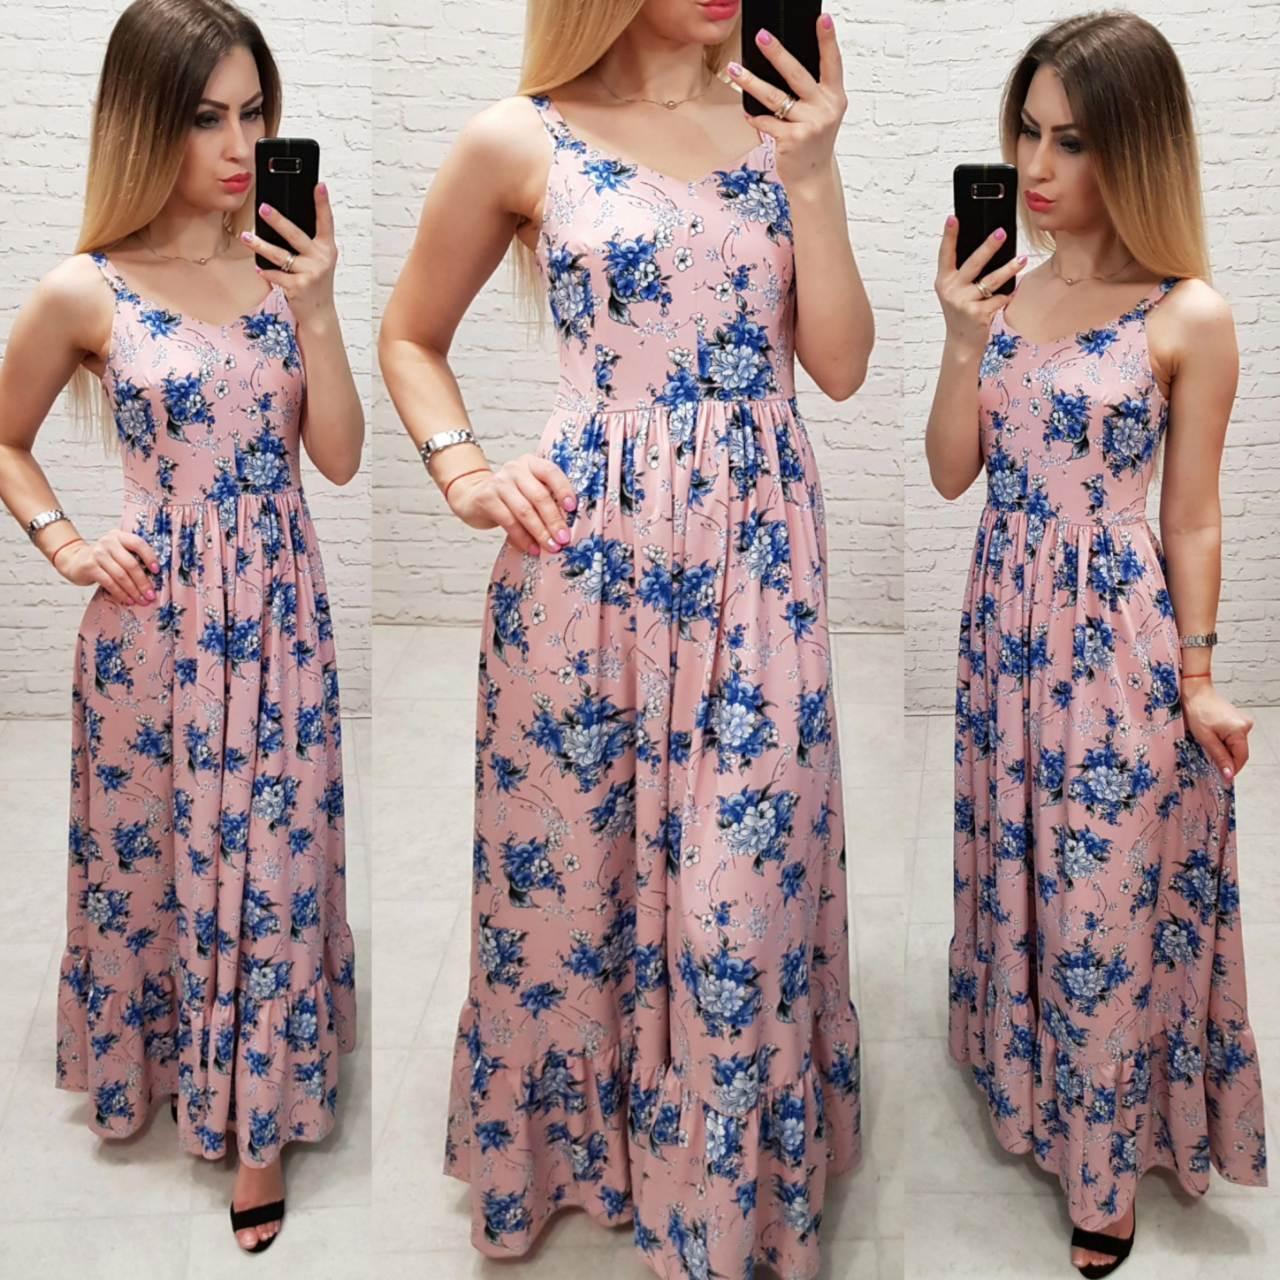 Женственное длинное платье, арт 162, принт голубой цветок на персиковом